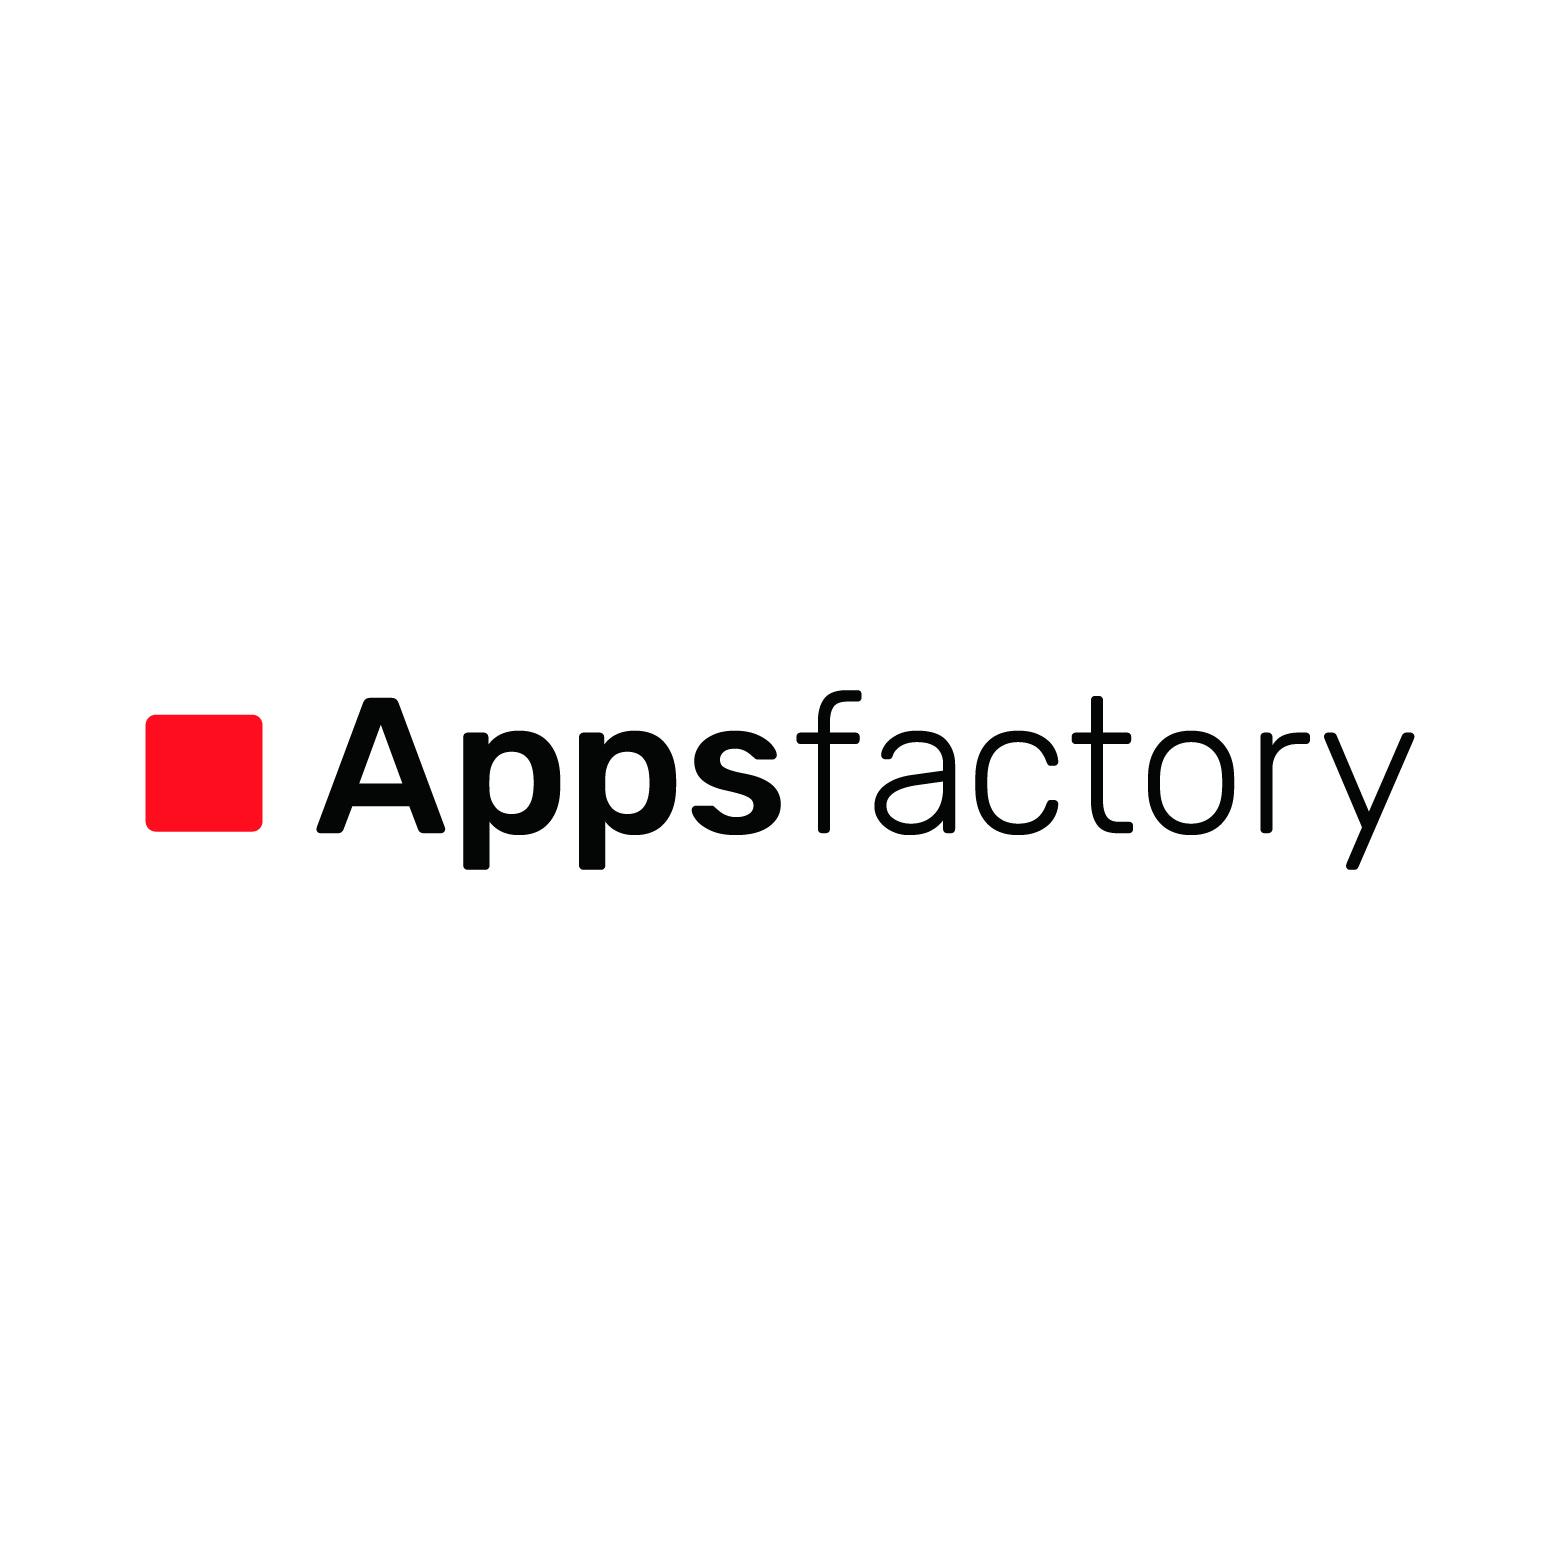 AppsFactory_01092019.jpg